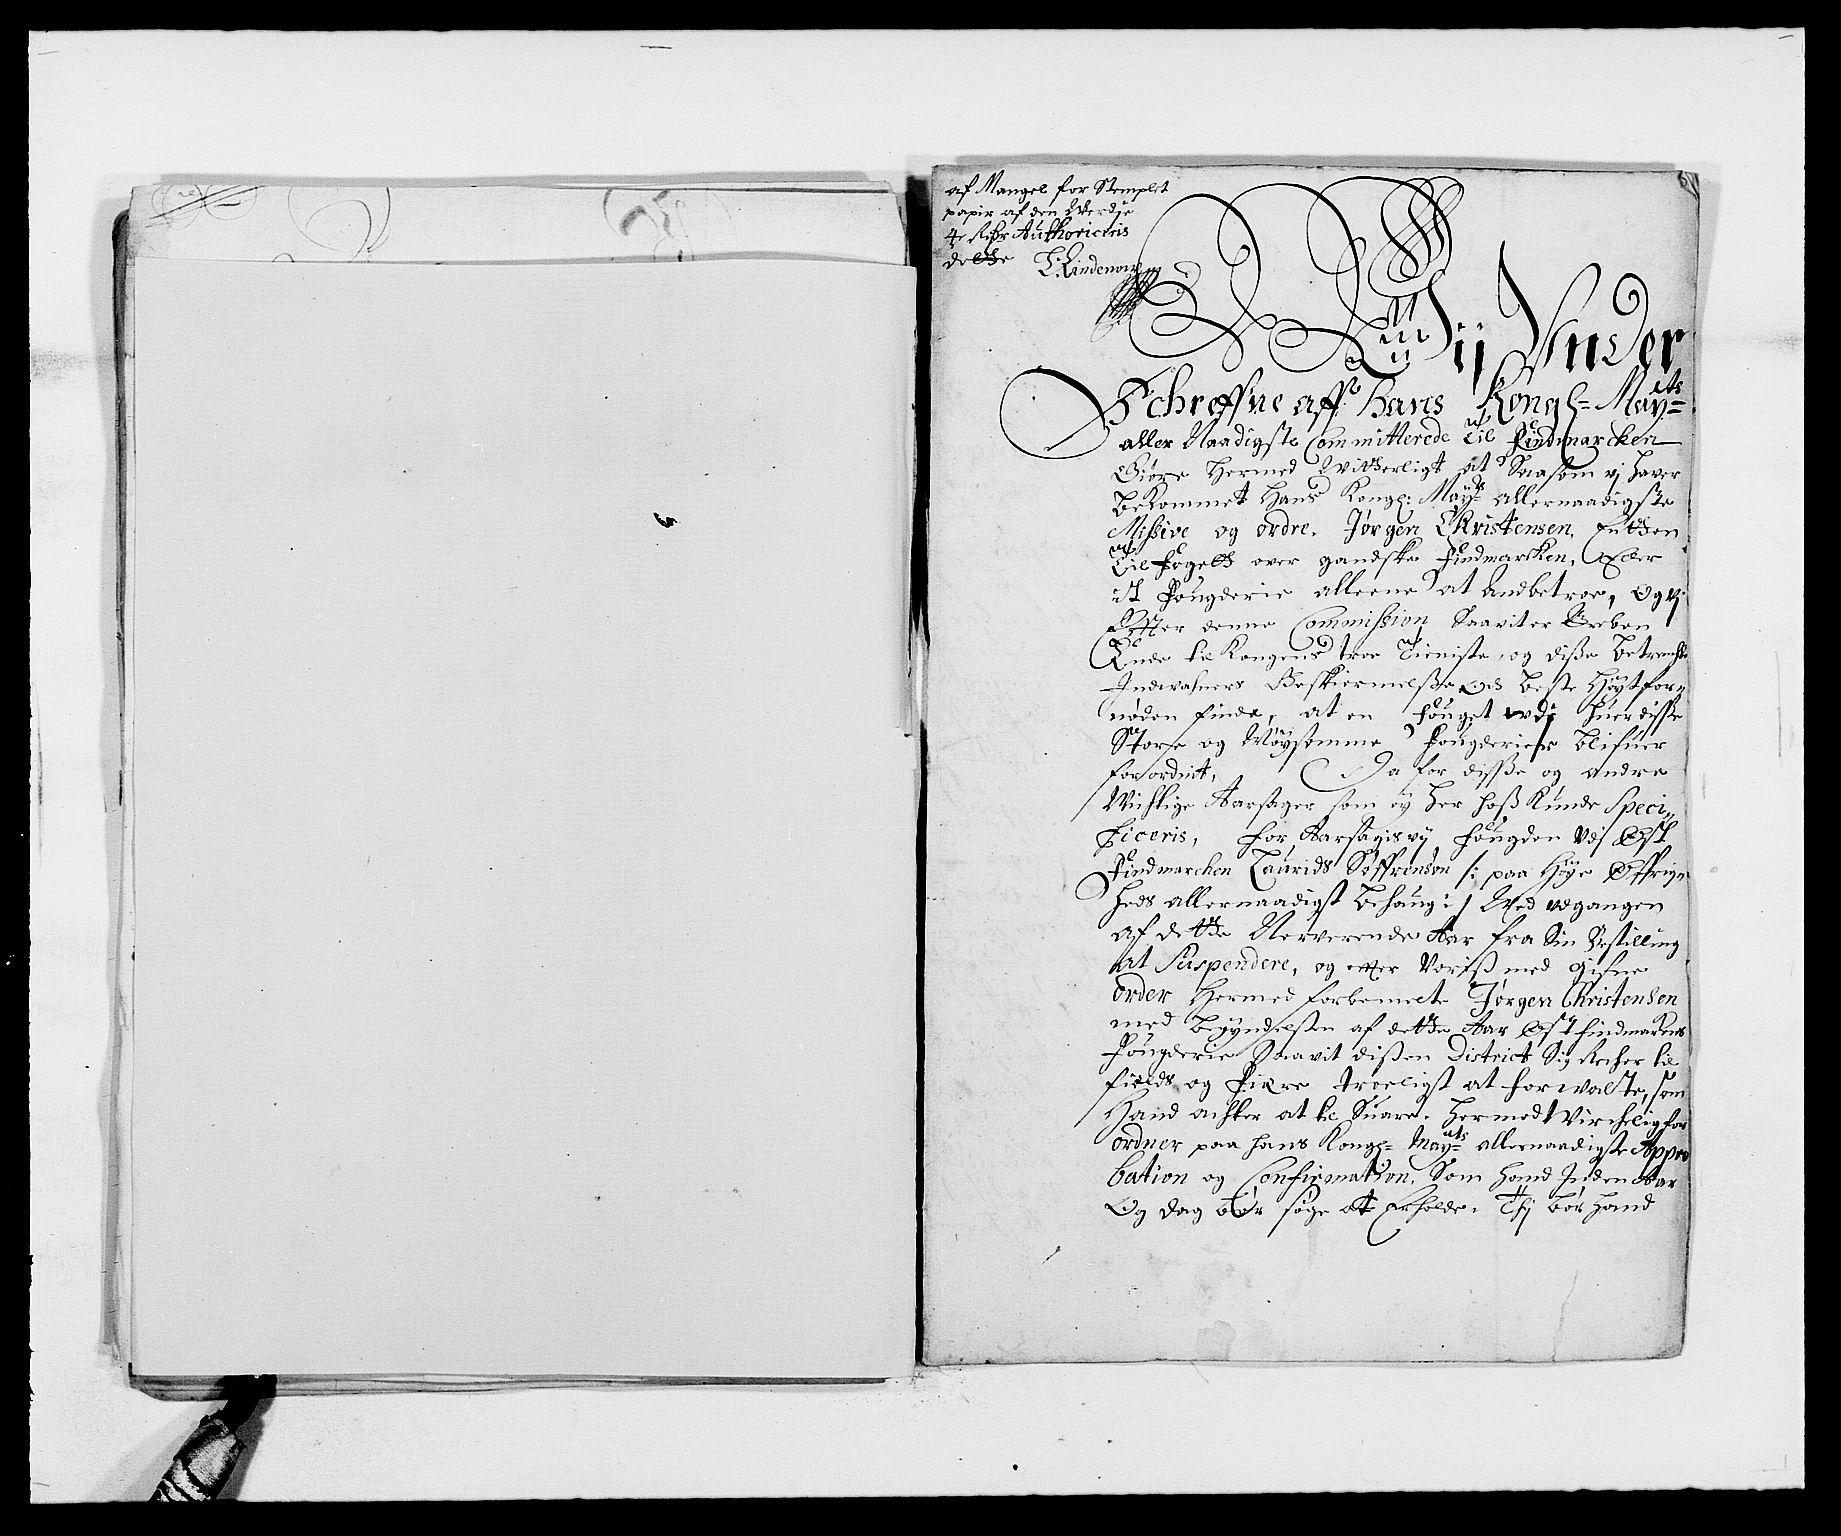 RA, Rentekammeret inntil 1814, Reviderte regnskaper, Fogderegnskap, R69/L4850: Fogderegnskap Finnmark/Vardøhus, 1680-1690, s. 20